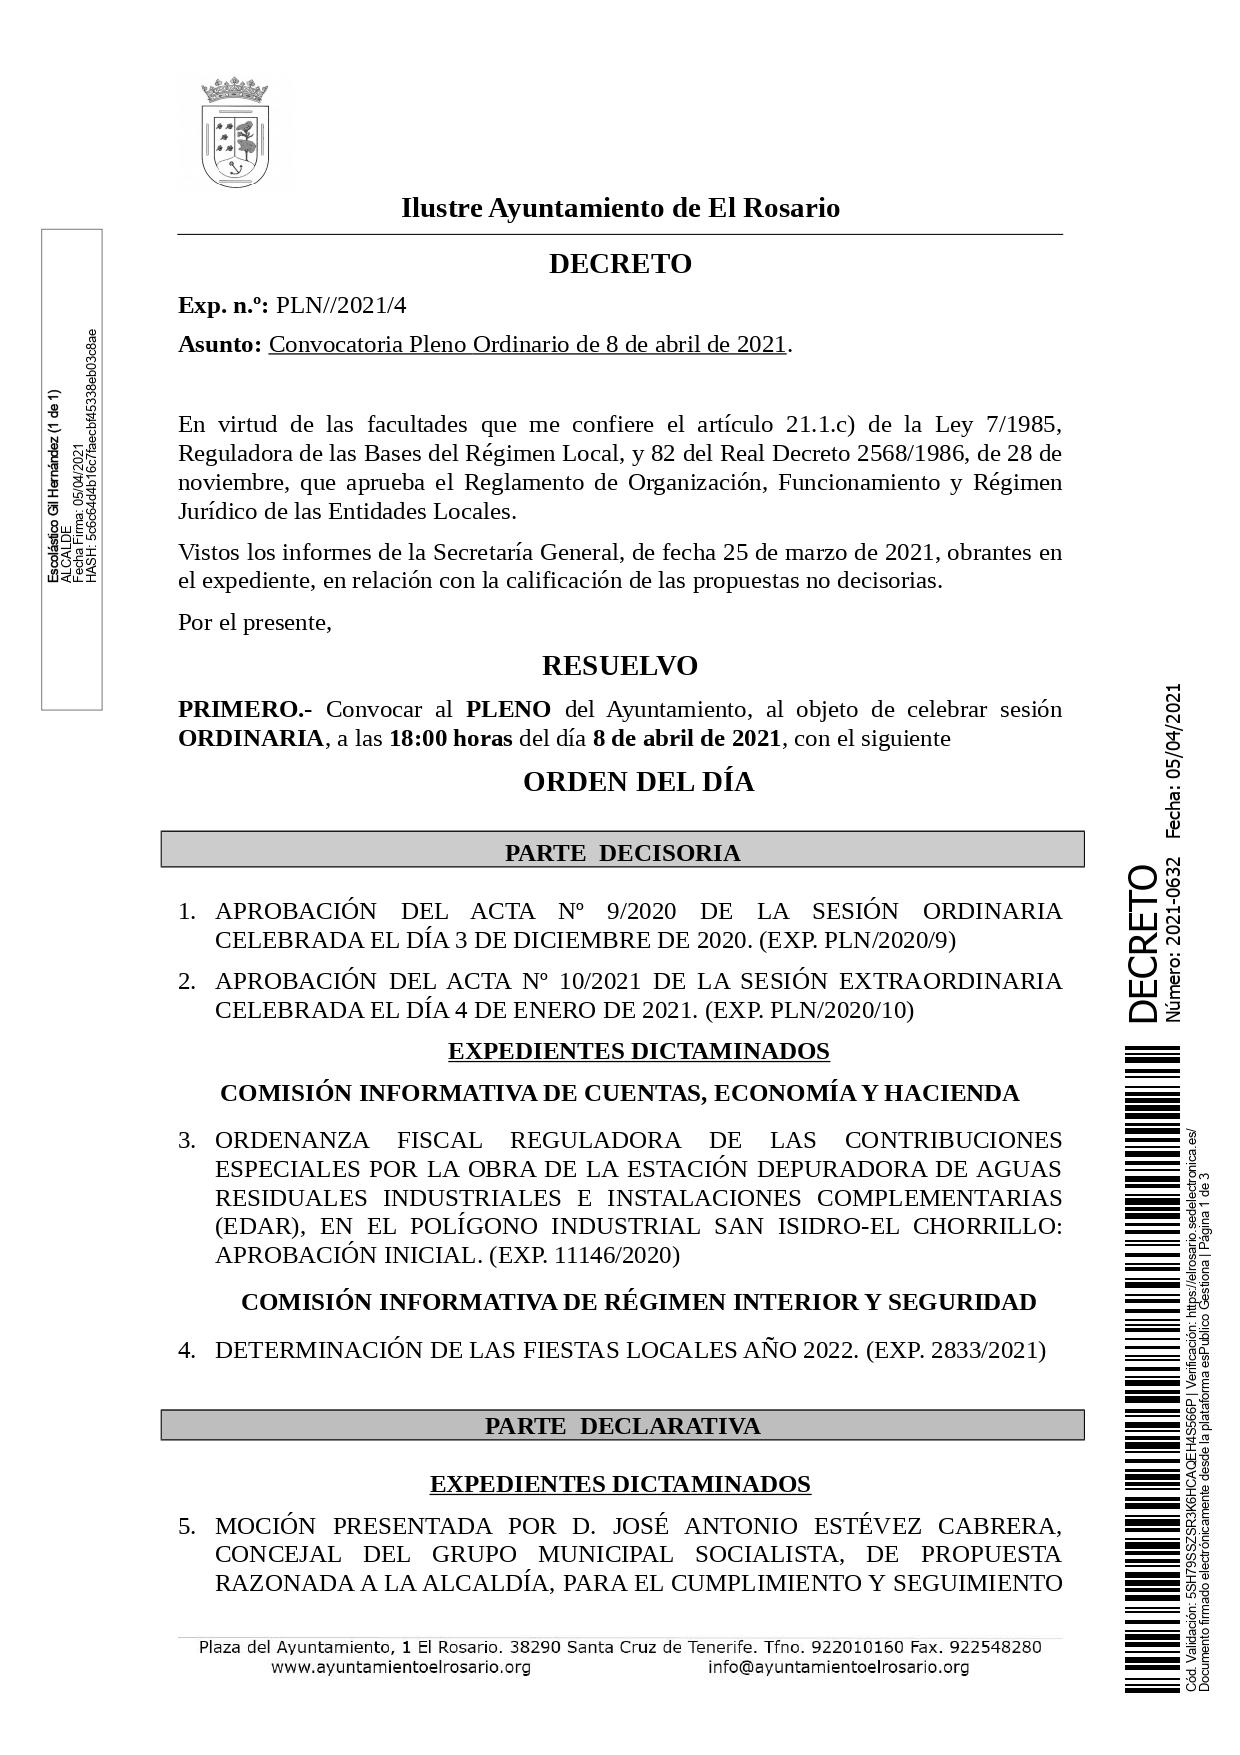 20210405_DECRETO 2021-0632 [Decreto de convocatoria de Pleno Ordinario de 8 de abril de 2021.]_page-0001